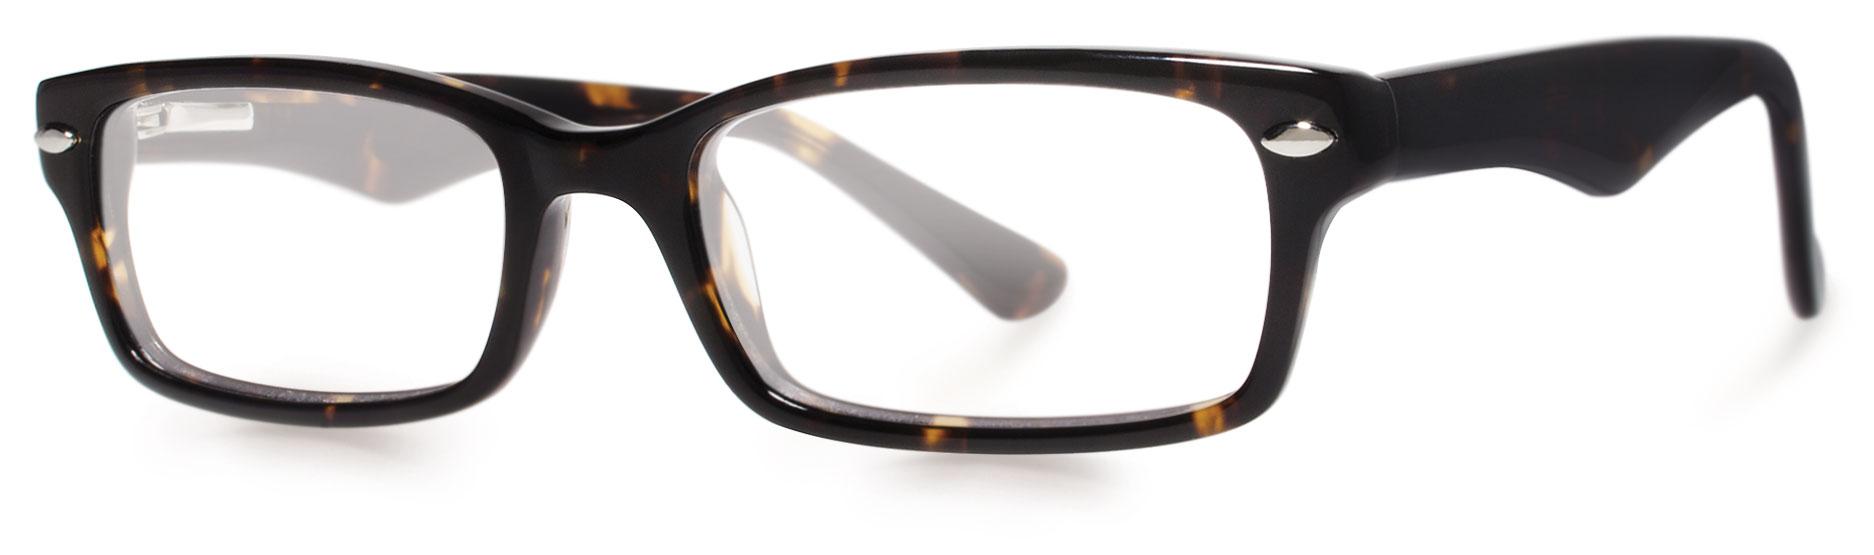 87d1e11fbb Rookie eyewear from Modz Kids